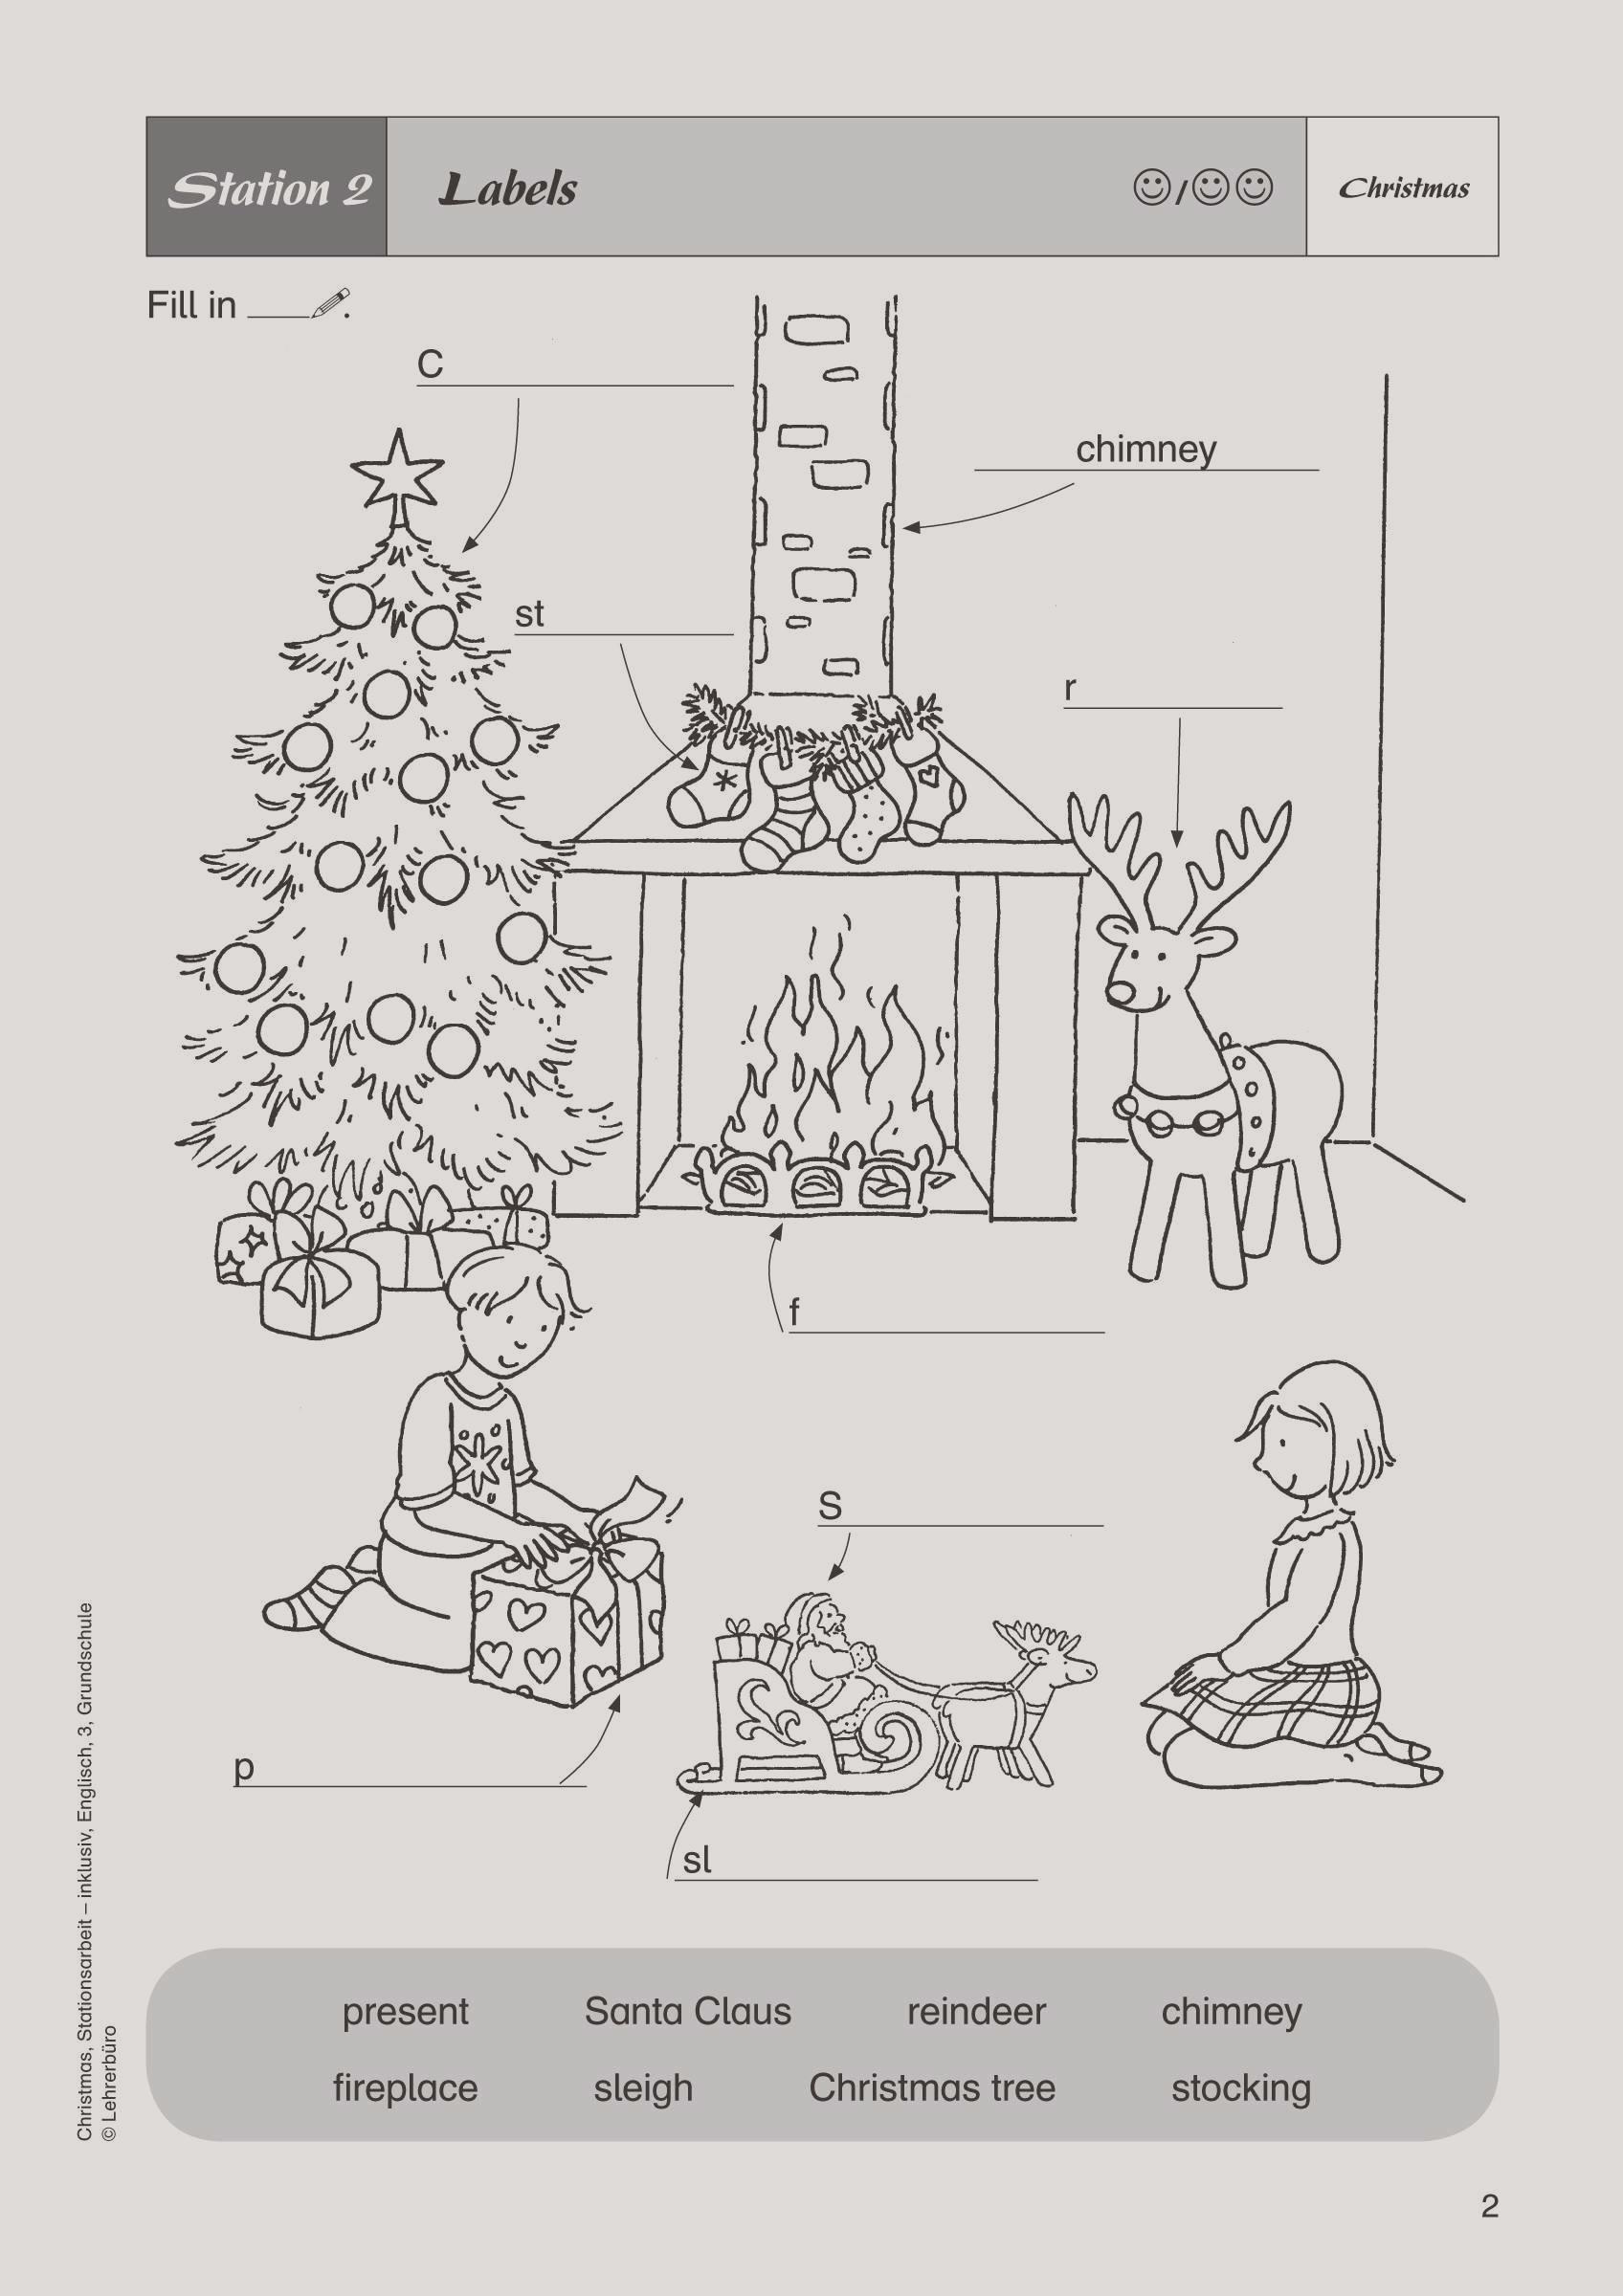 Ausmalbilder Weihnachten Merry Christmas Einzigartig Weihnachts Malvorlagen Zum Ausdrucken Mandalas Weihnachten Fotos